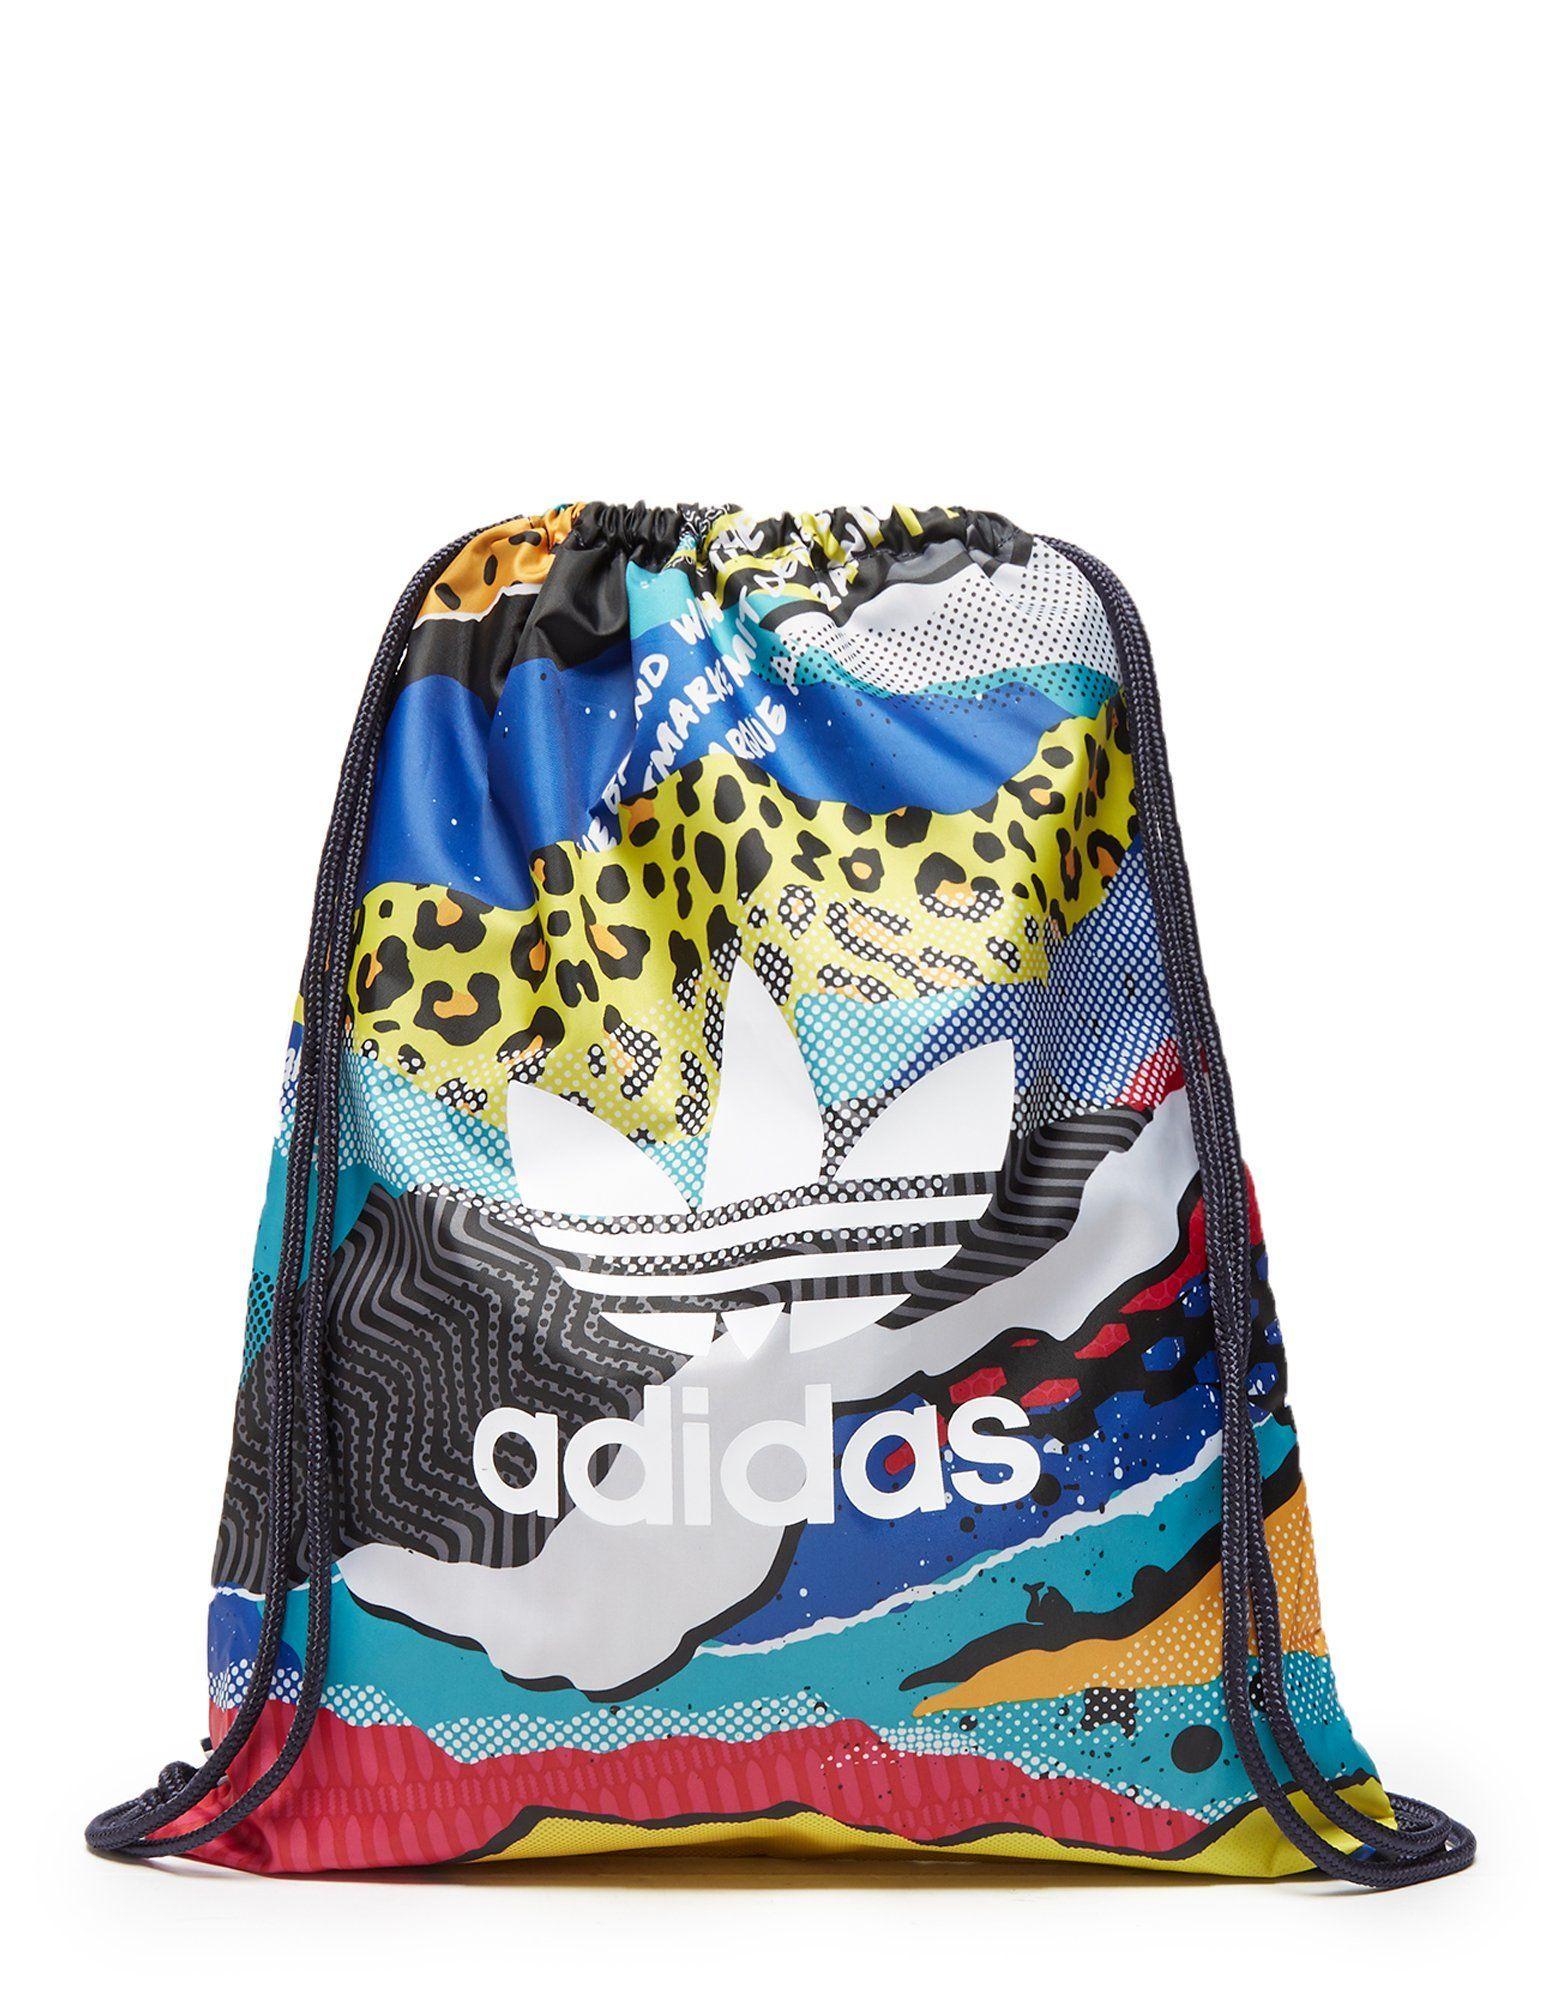 adidas Originals Tricot Gymsack  1b3bf292e10d6